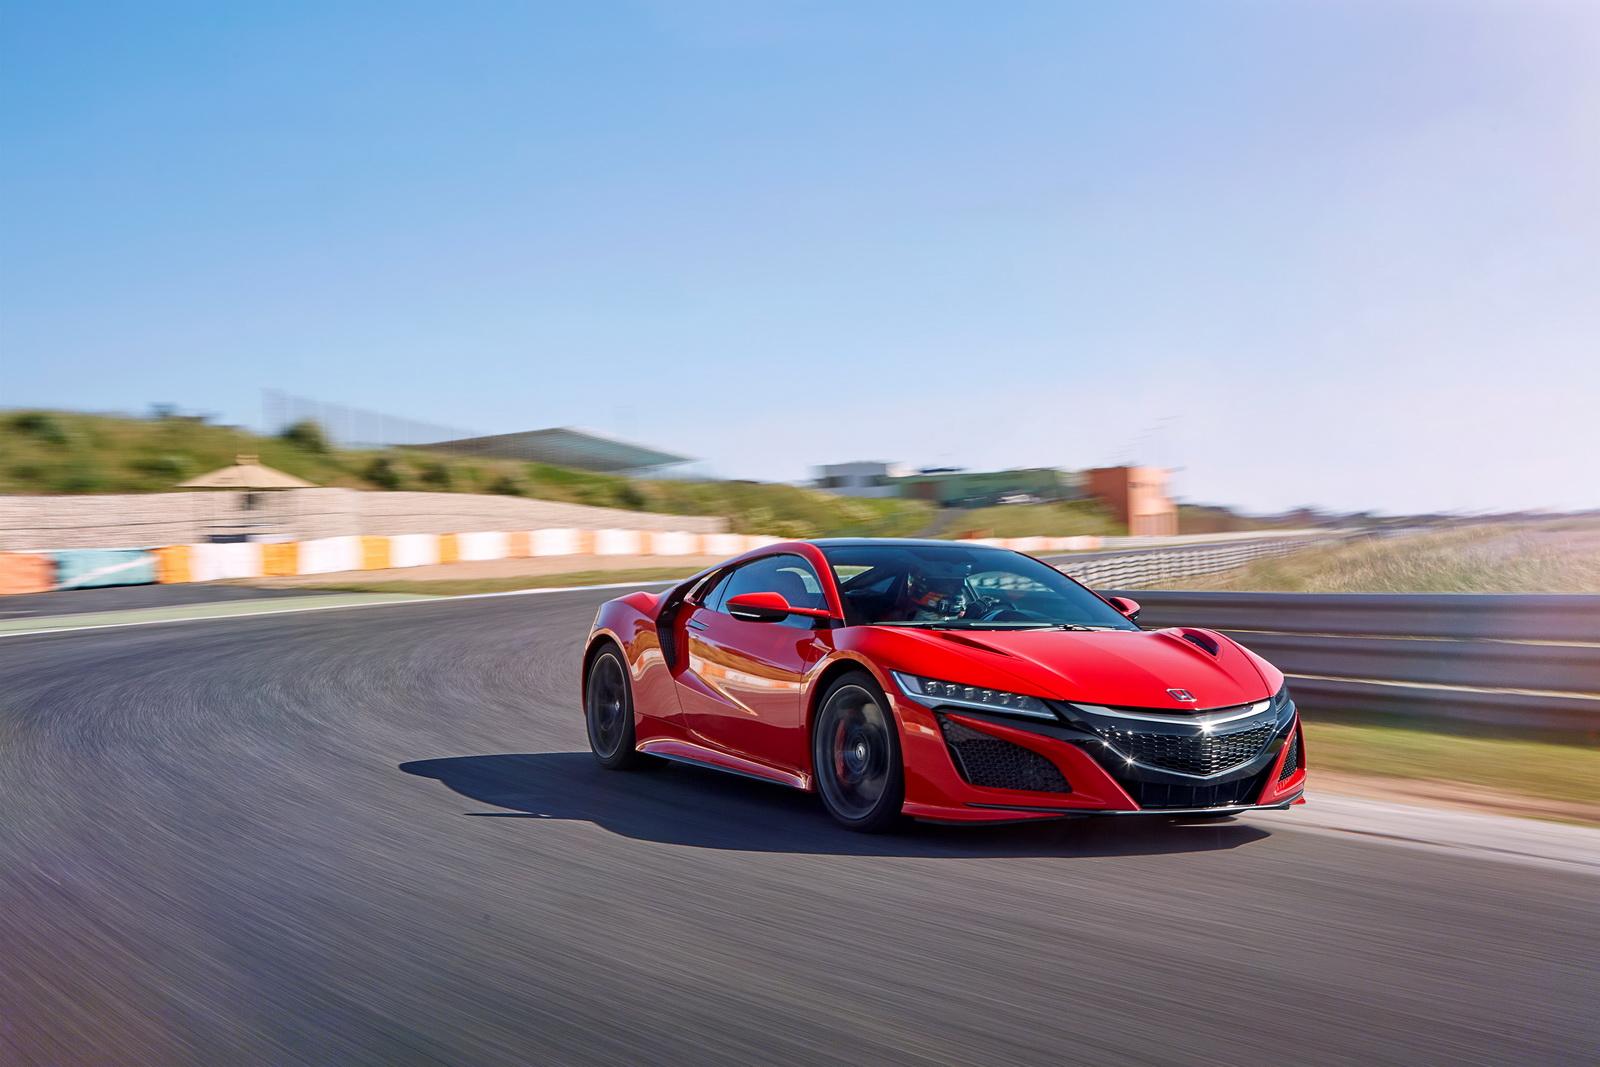 Honda NSX 2017 sẽ là đối thủ cạnh tranh với Audi R8, Nissan GT-R, Mercedes AMG GT-R...